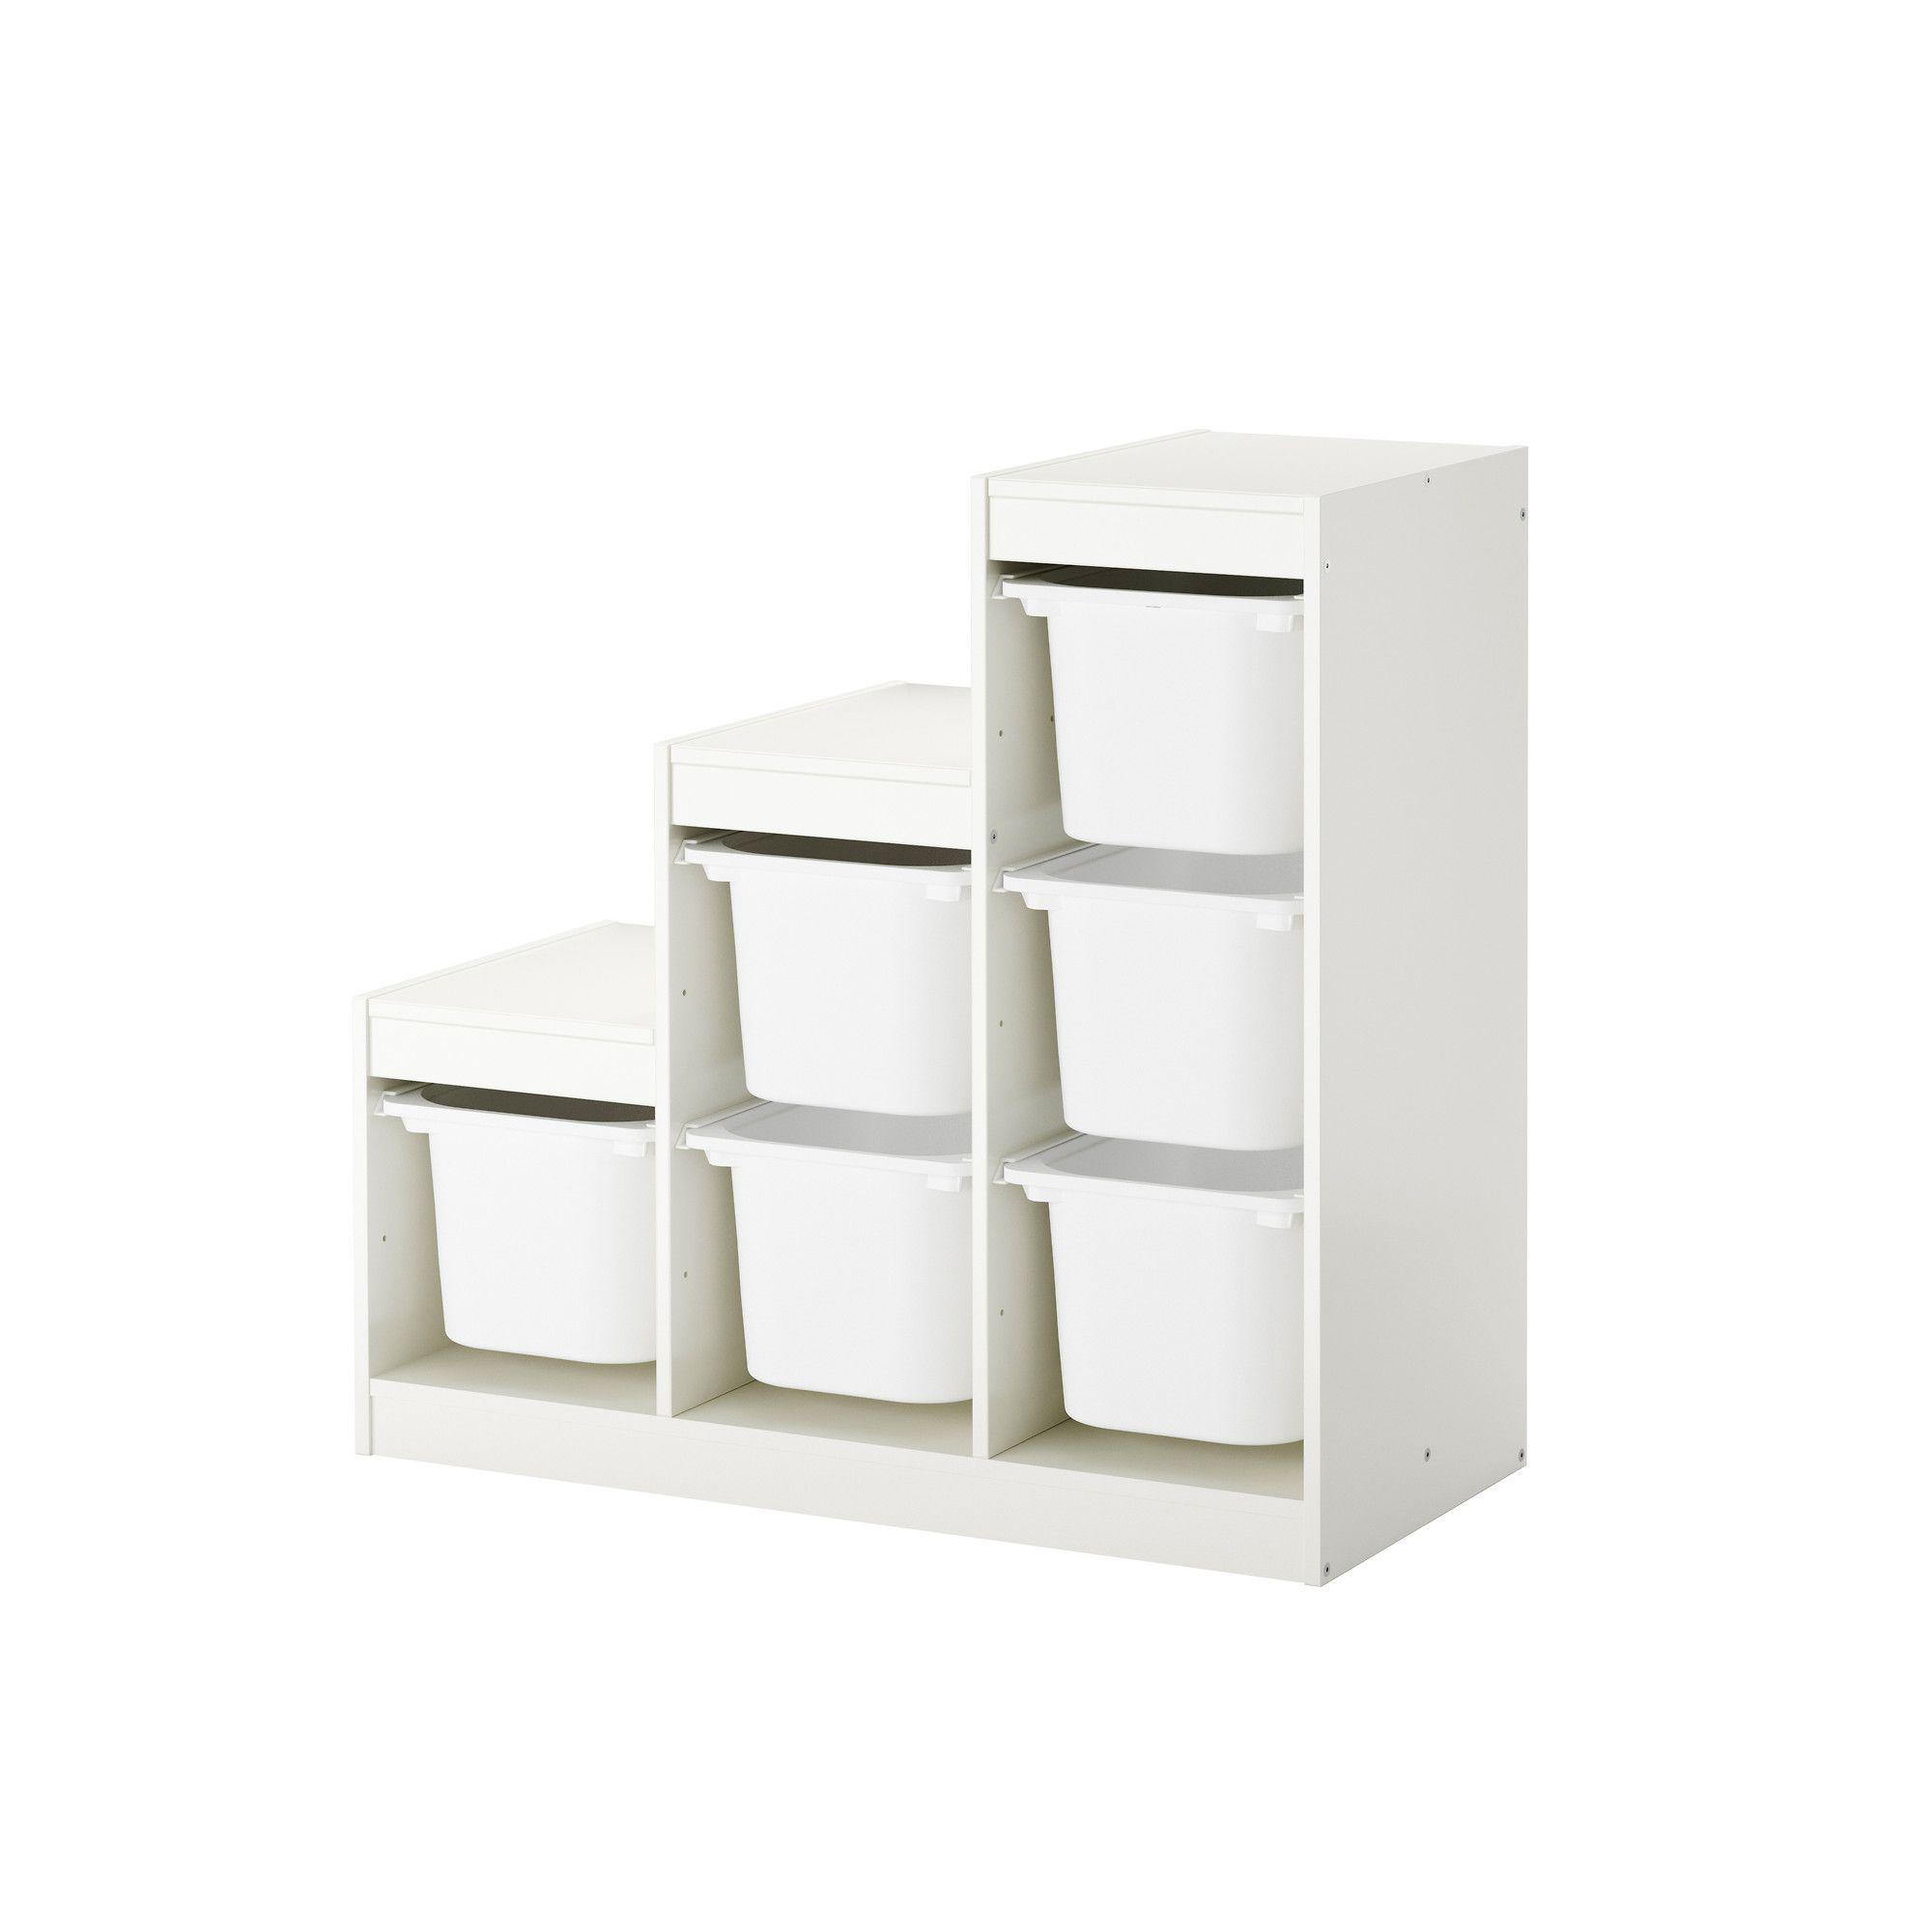 Trofast Combi Rangement Boites Blanc 99x44x94 Cm Meubles De